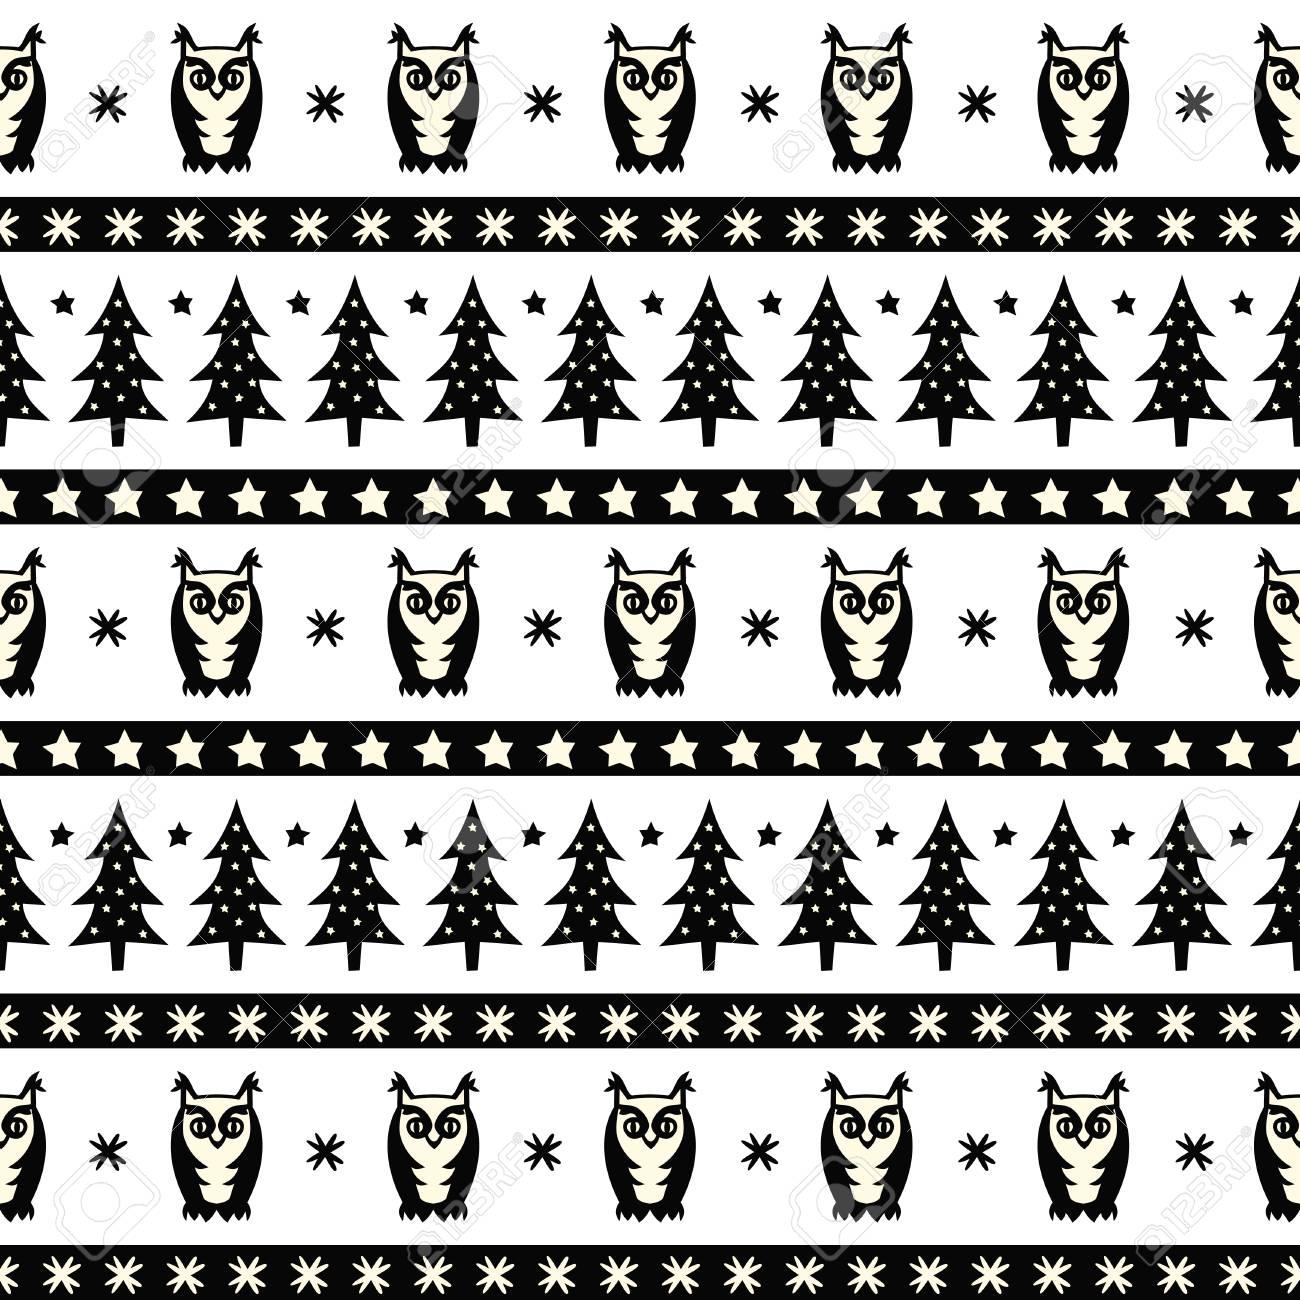 Patrón De Bosque De Invierno Blanco Y Negro - árboles De Navidad ...